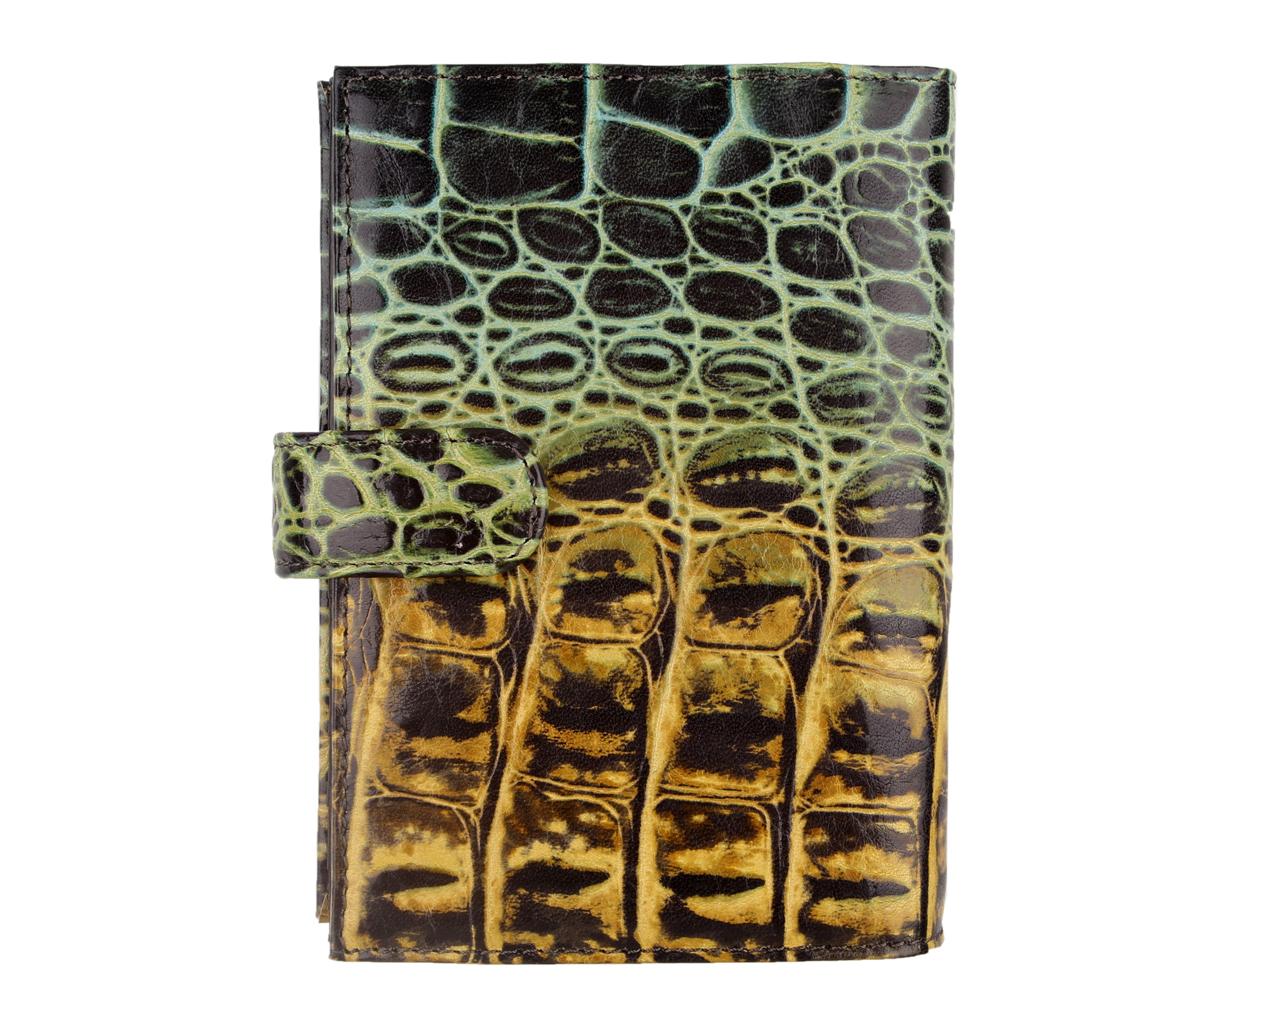 Обложка для документов женская Leo Ventoni, цвет: черный, желтый. L330661L330661-green/neroСтильная обложка для автодокументов Leo Ventoni выполнена из натуральной кожи с тиснением под рептилию, дополнена металлической фурнитурой. Изделие раскладывается пополам и закрывается хлястиком на кнопку. Внутри размещен вкладыш с шестью файлами для автодокументов, два боковых кармашка для этого вкладыша, пять карманов для кредитных карт, четыре боковых кармана, небольшой горизонтальный кармашек и дополнительный карман-уголок. Изделие поставляется в фирменной упаковке. Оригинальная обложка для автодокументов Leo Ventoni станет отличным подарком для человека, ценящего качественные и практичные вещи.